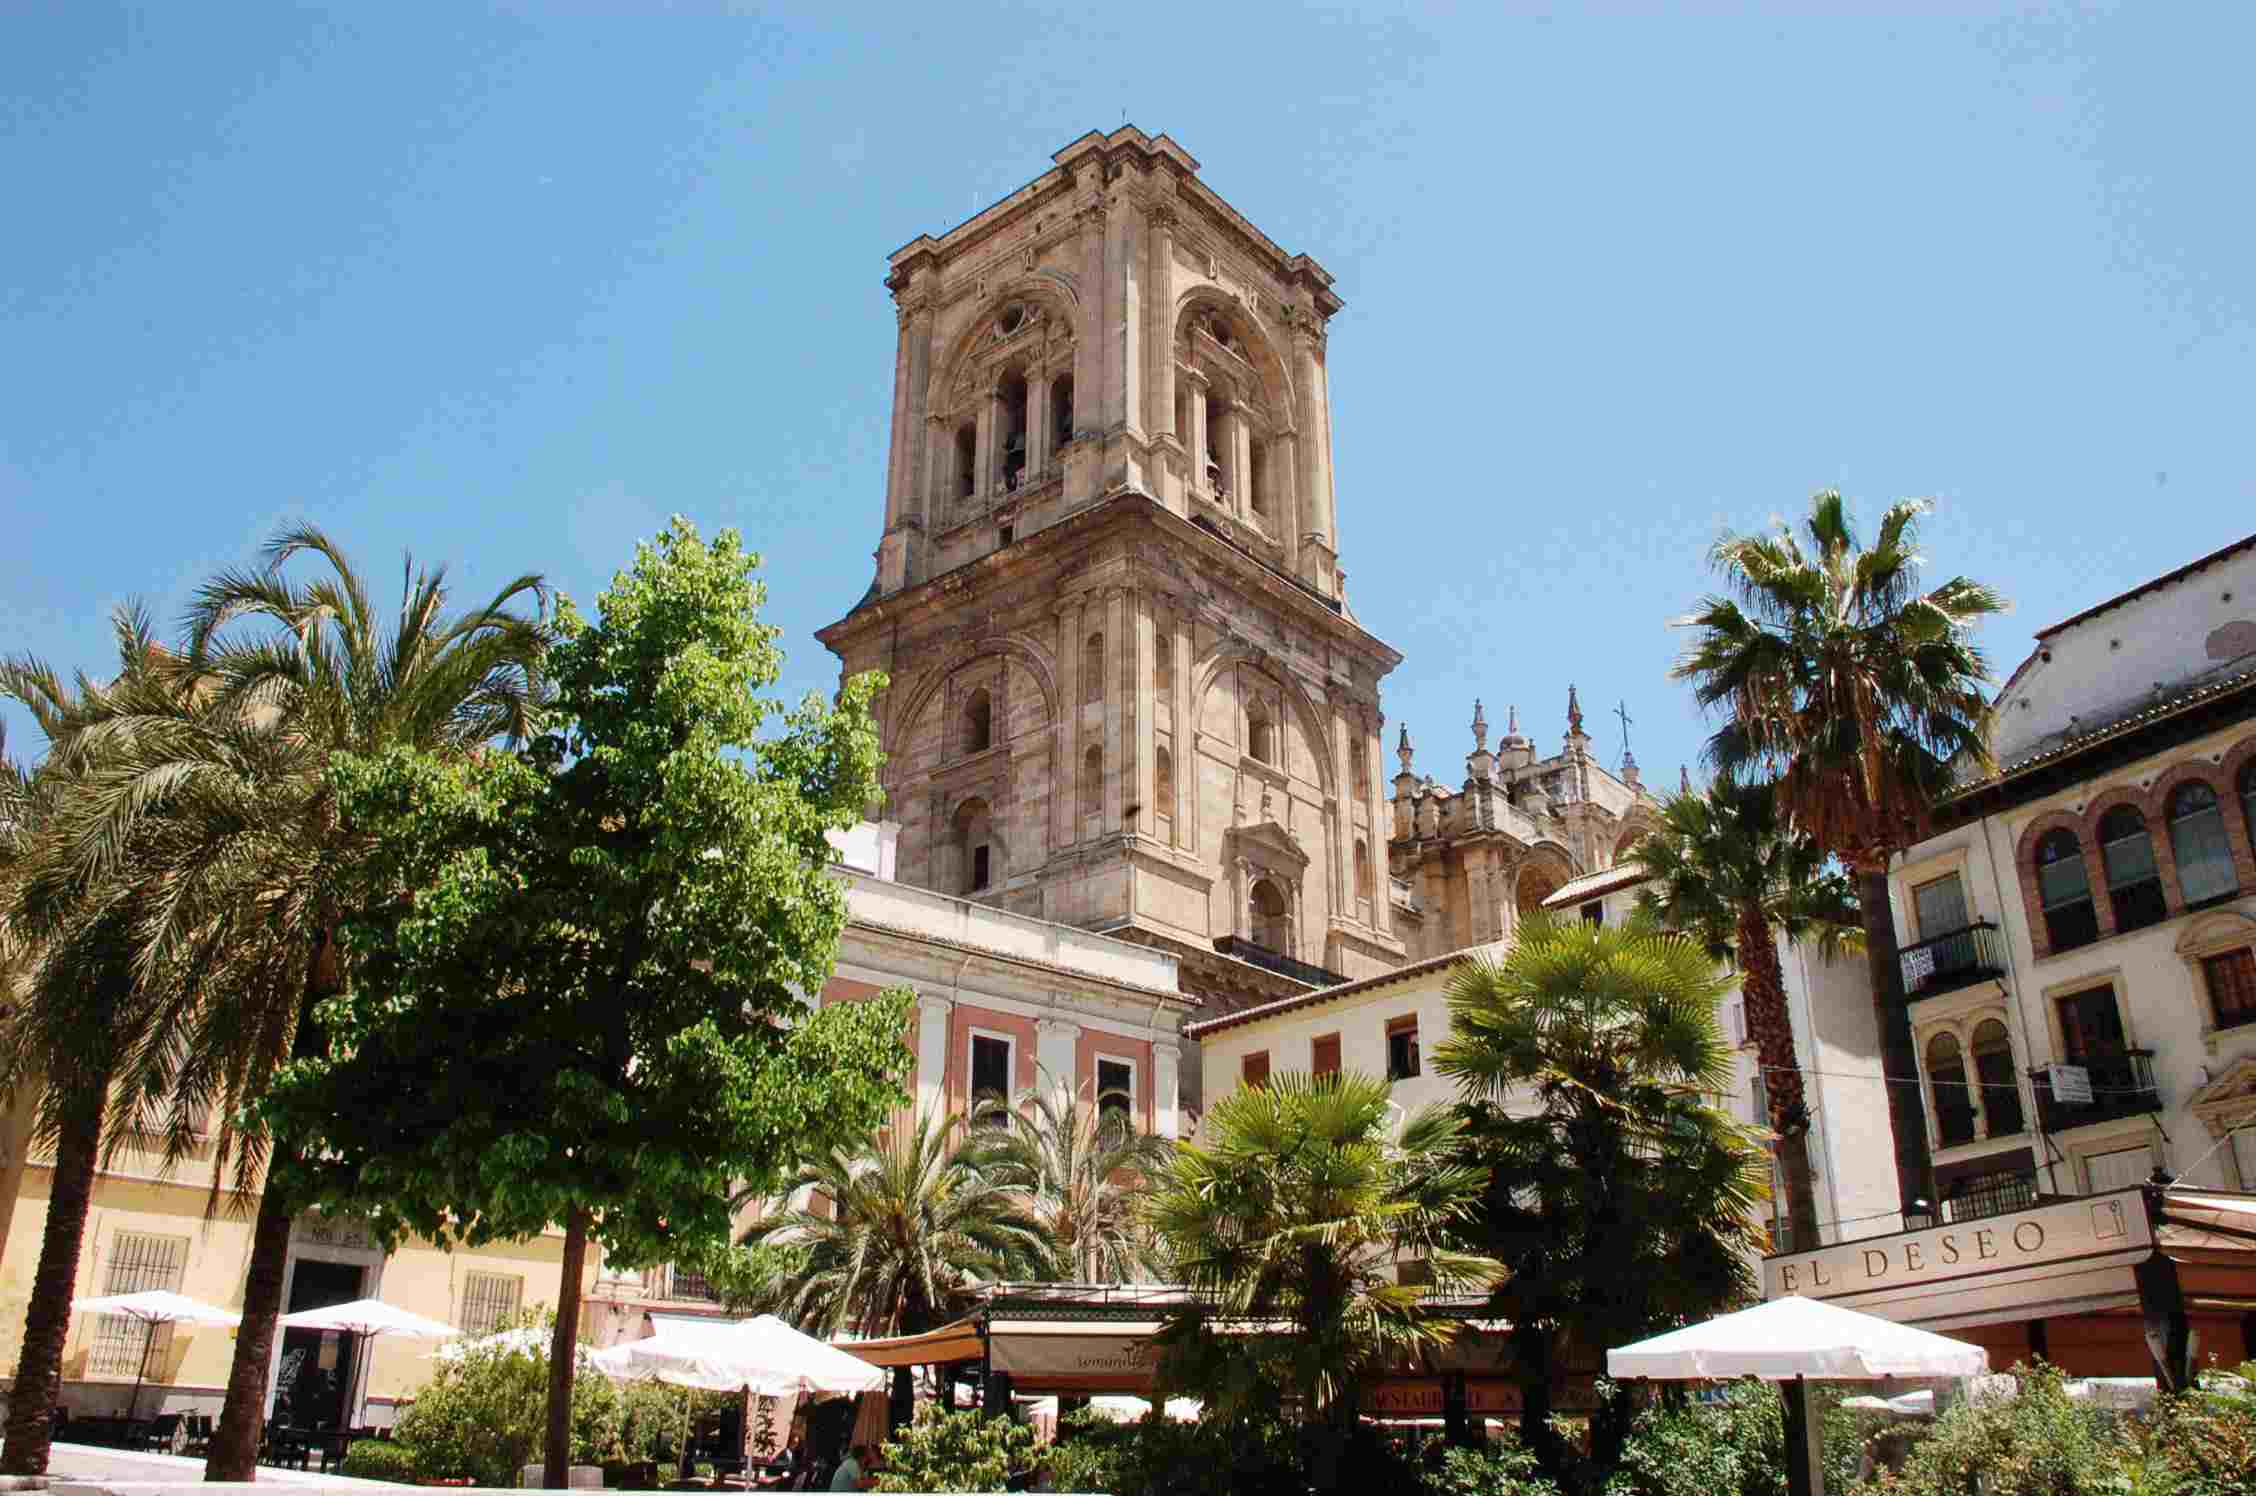 The city center of Granada